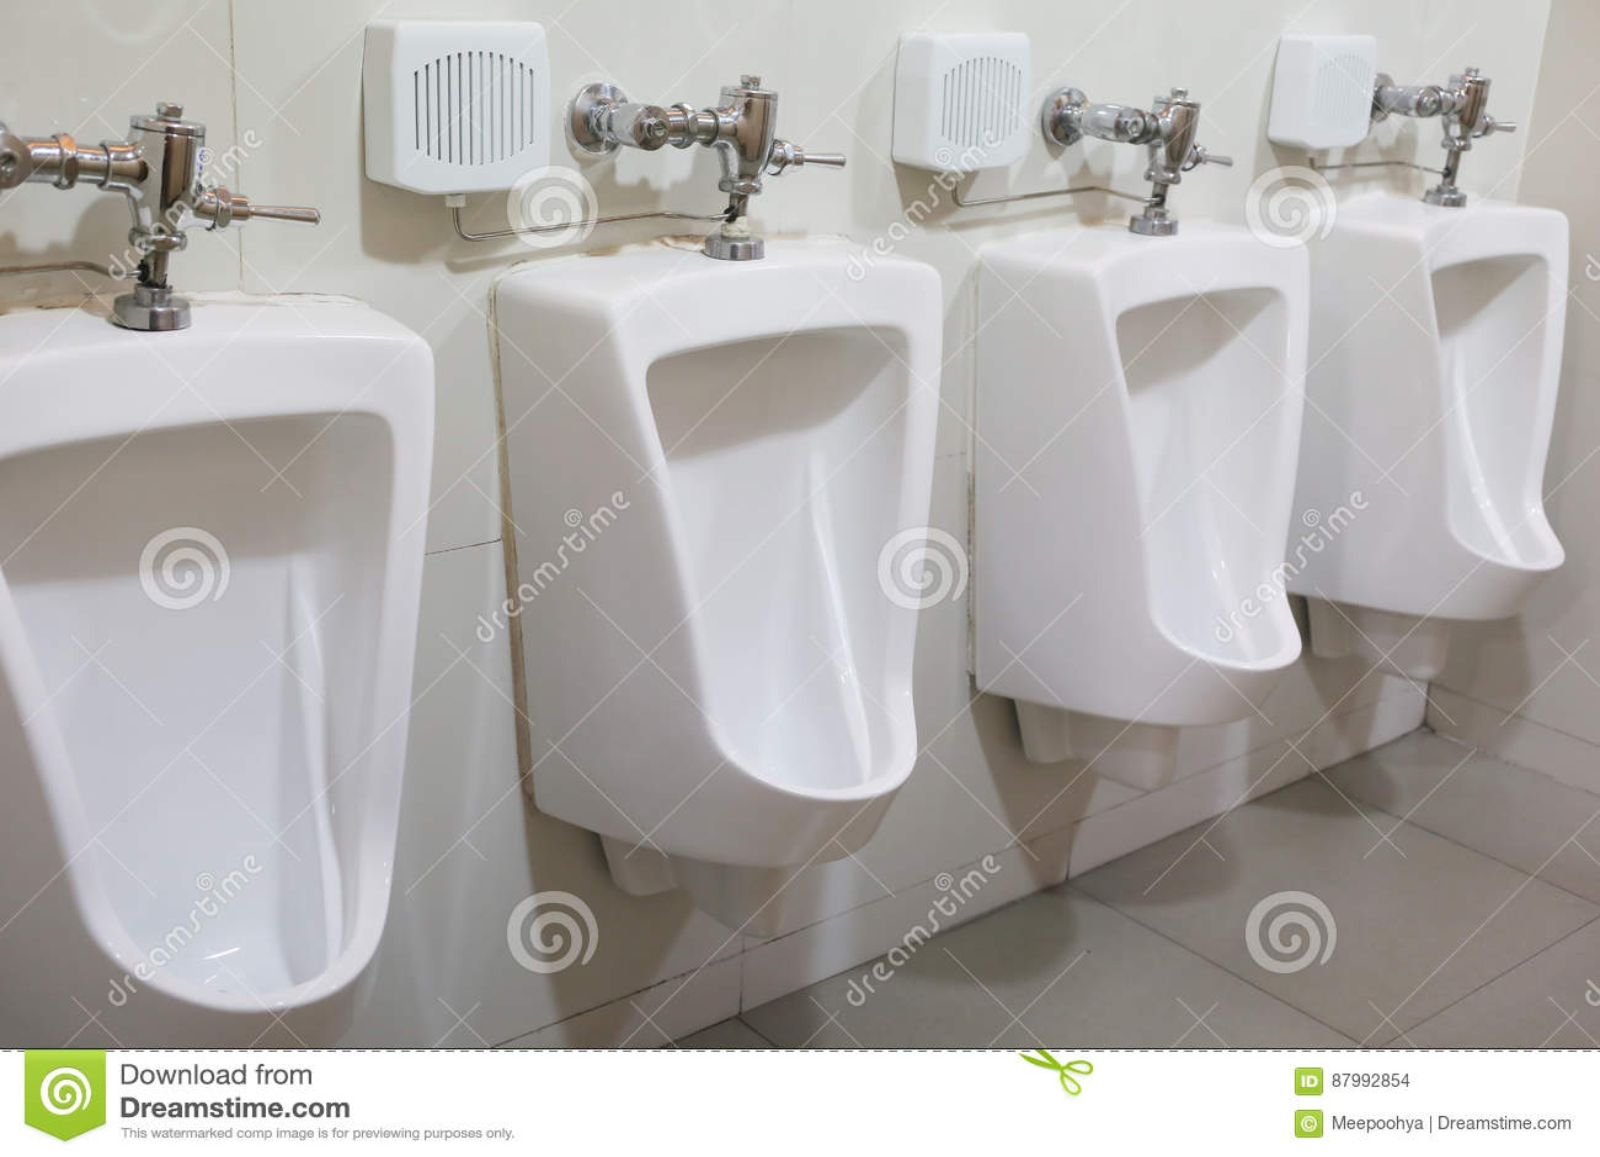 Sono Entrata Nel Bagno Degli Uomini : Il bagno degli uomini miami donna ubriaca si mette a fare la pipì